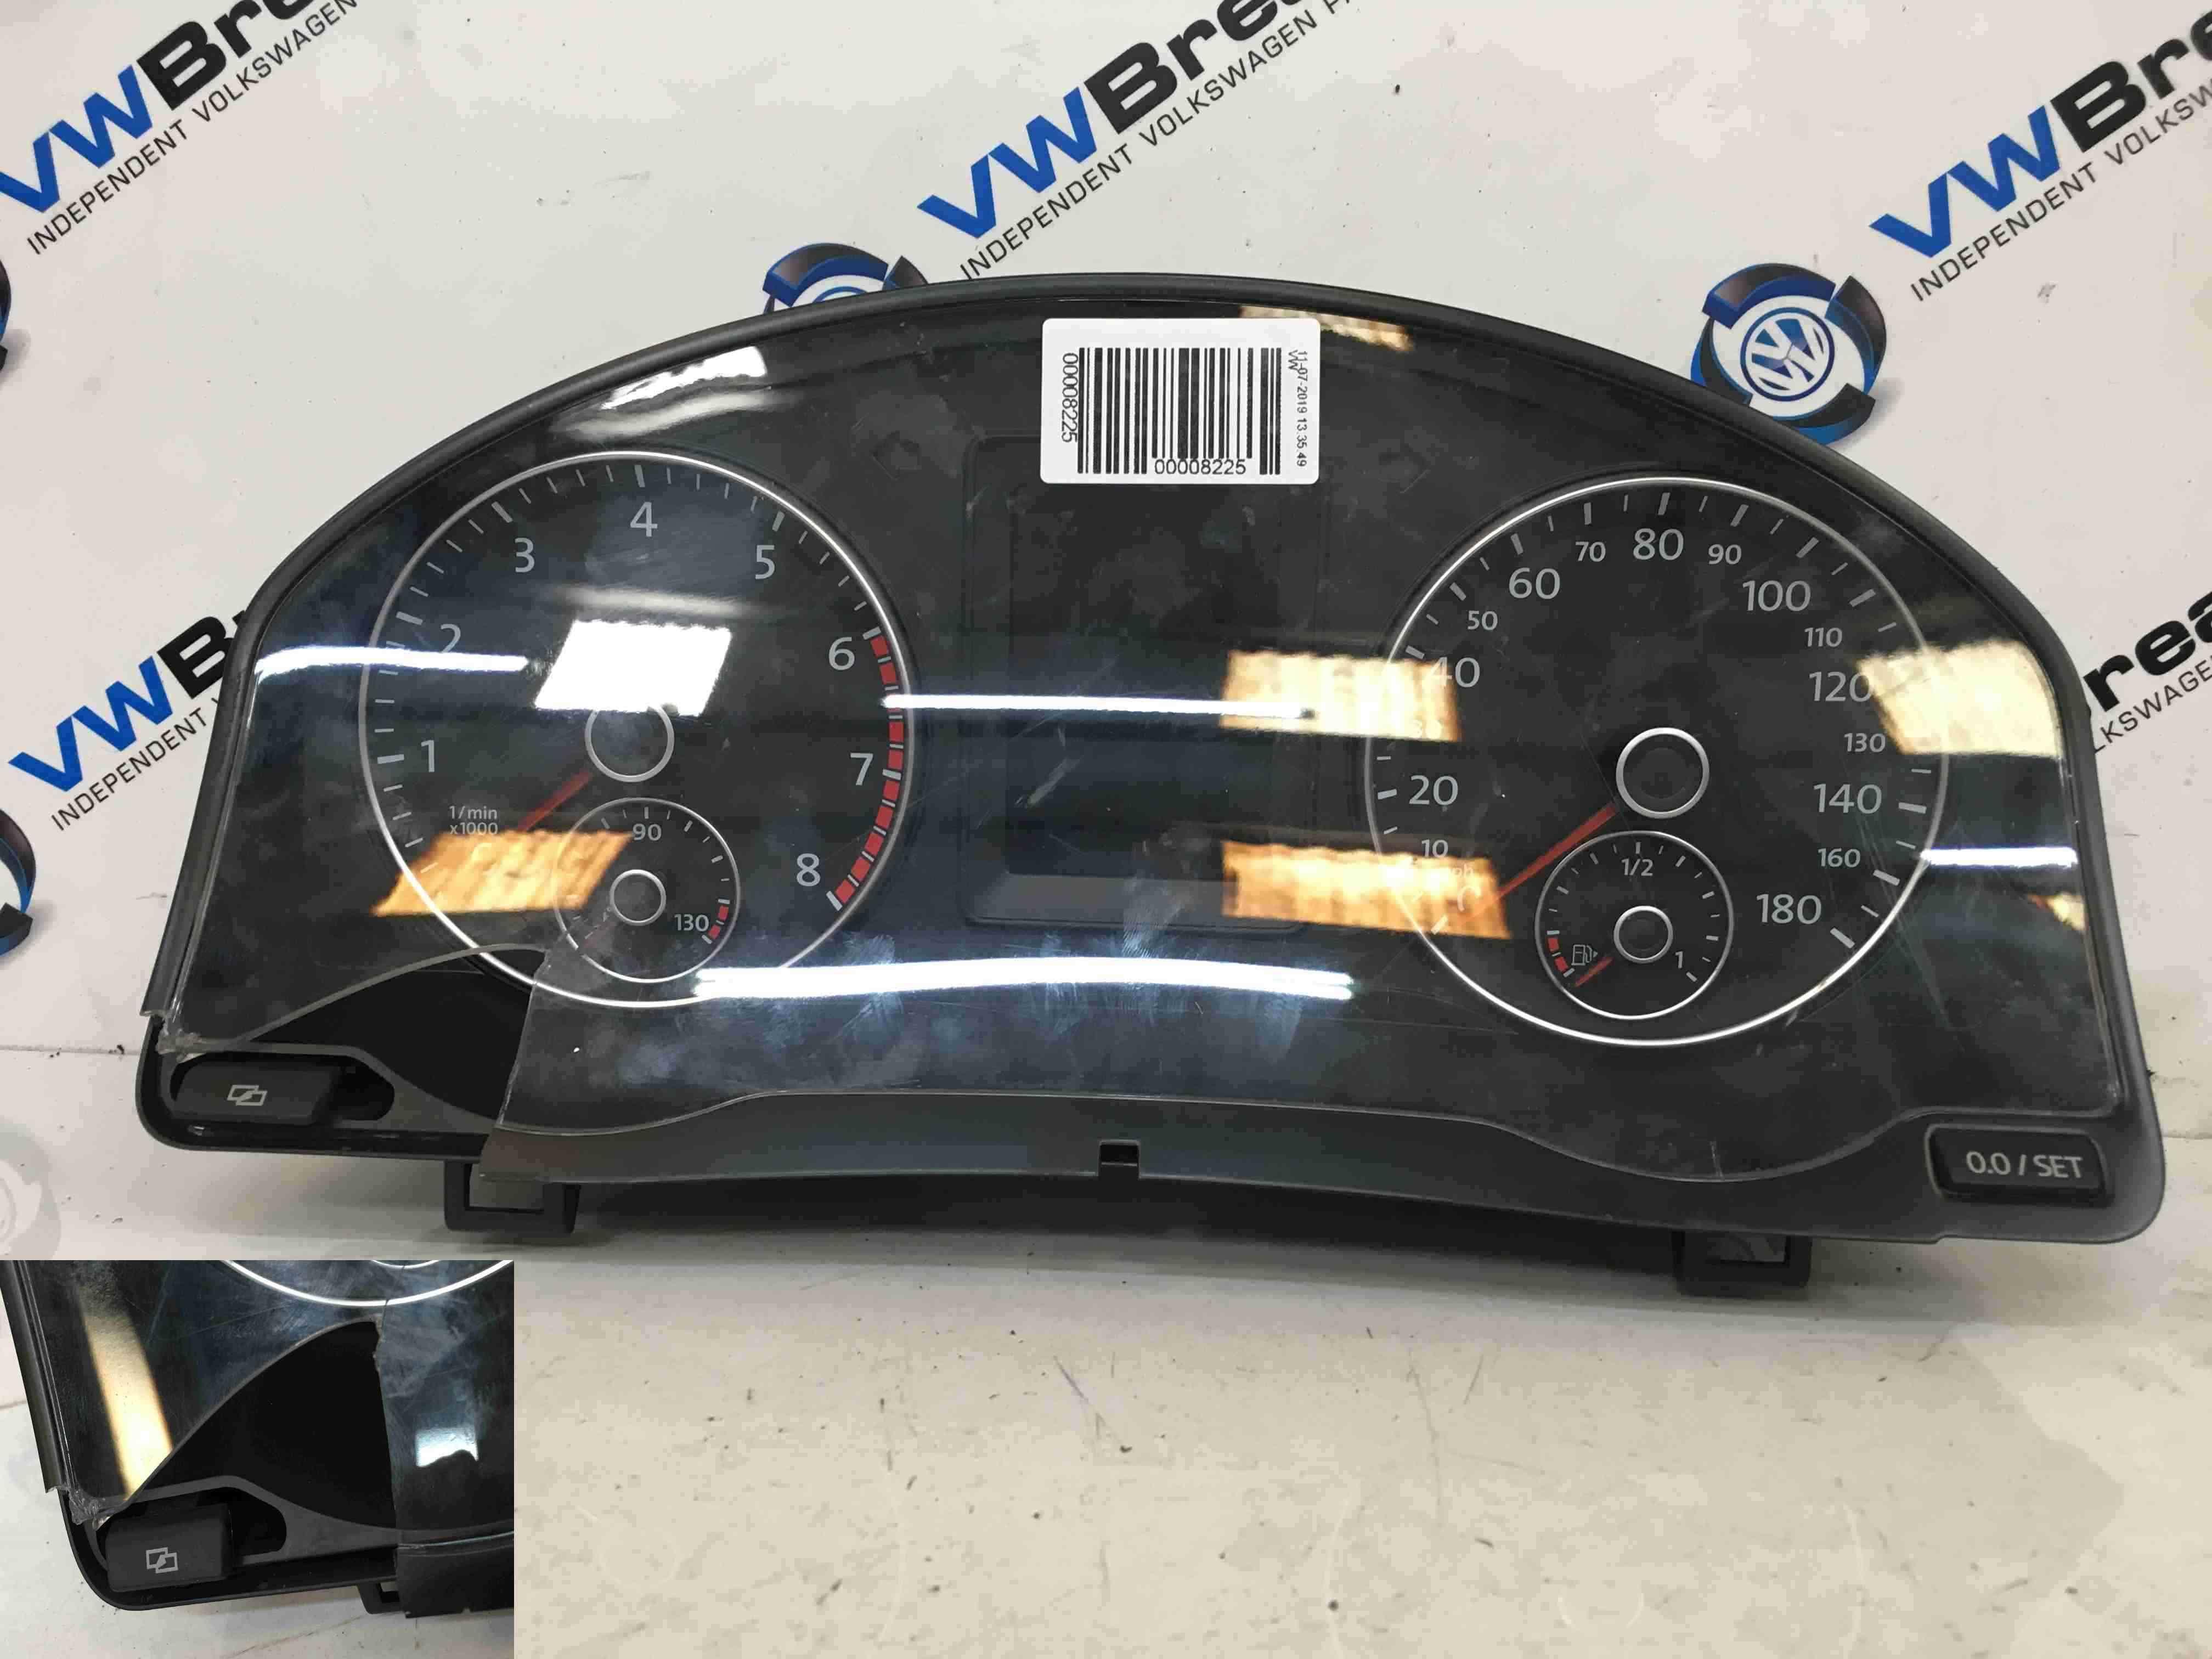 Volkswagen Scirocco 2008-2014 Instrument Panel Dials Gauges Cluster Clocks 165k